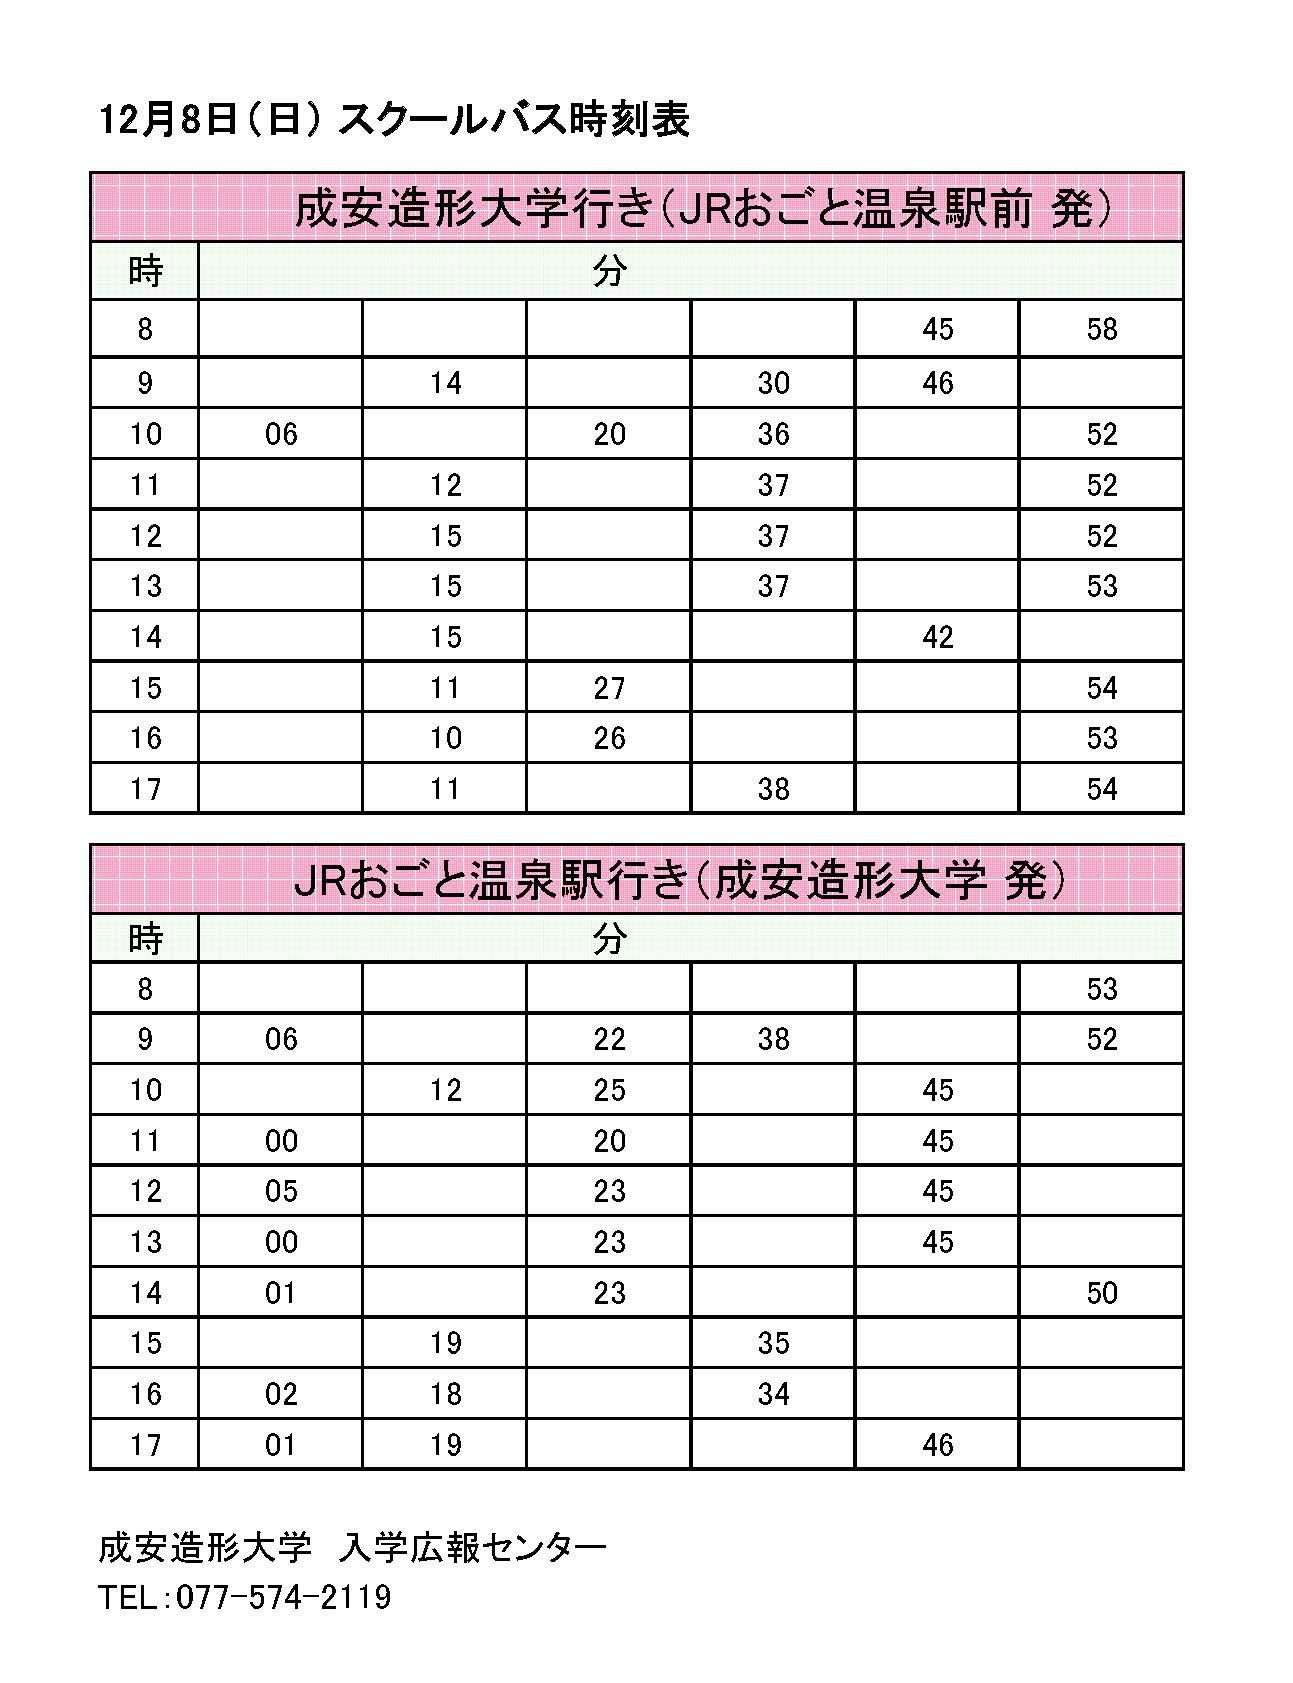 2019_1208バス時刻表